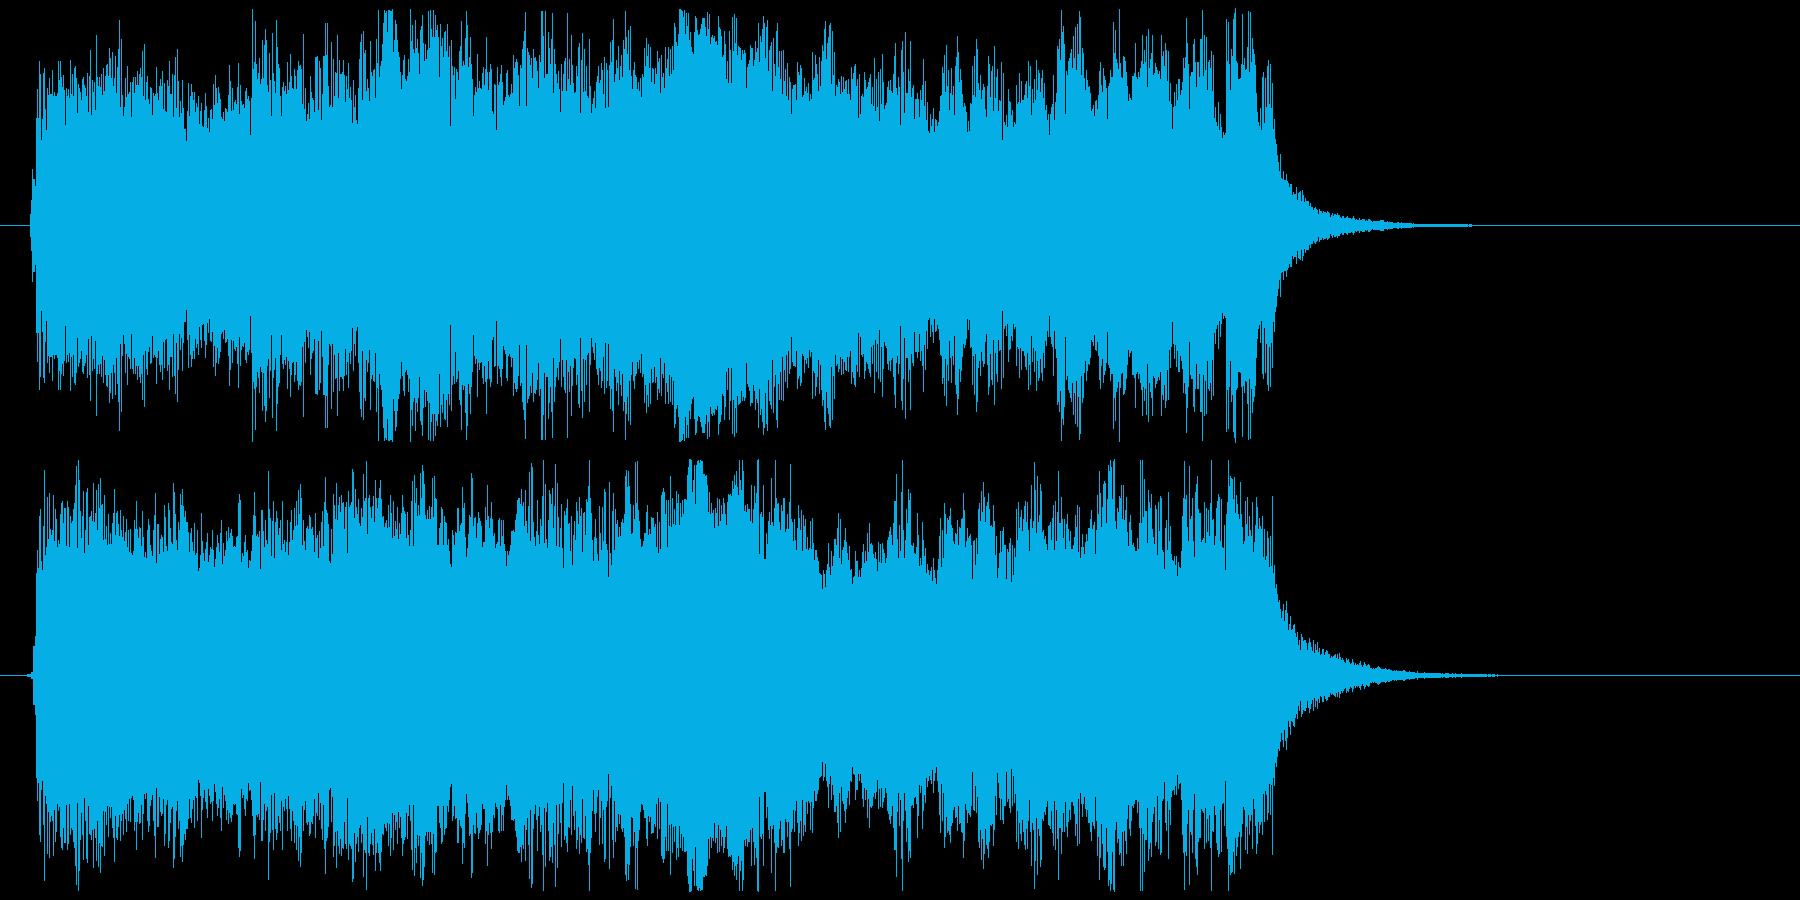 エンディングでのファンファーレの再生済みの波形